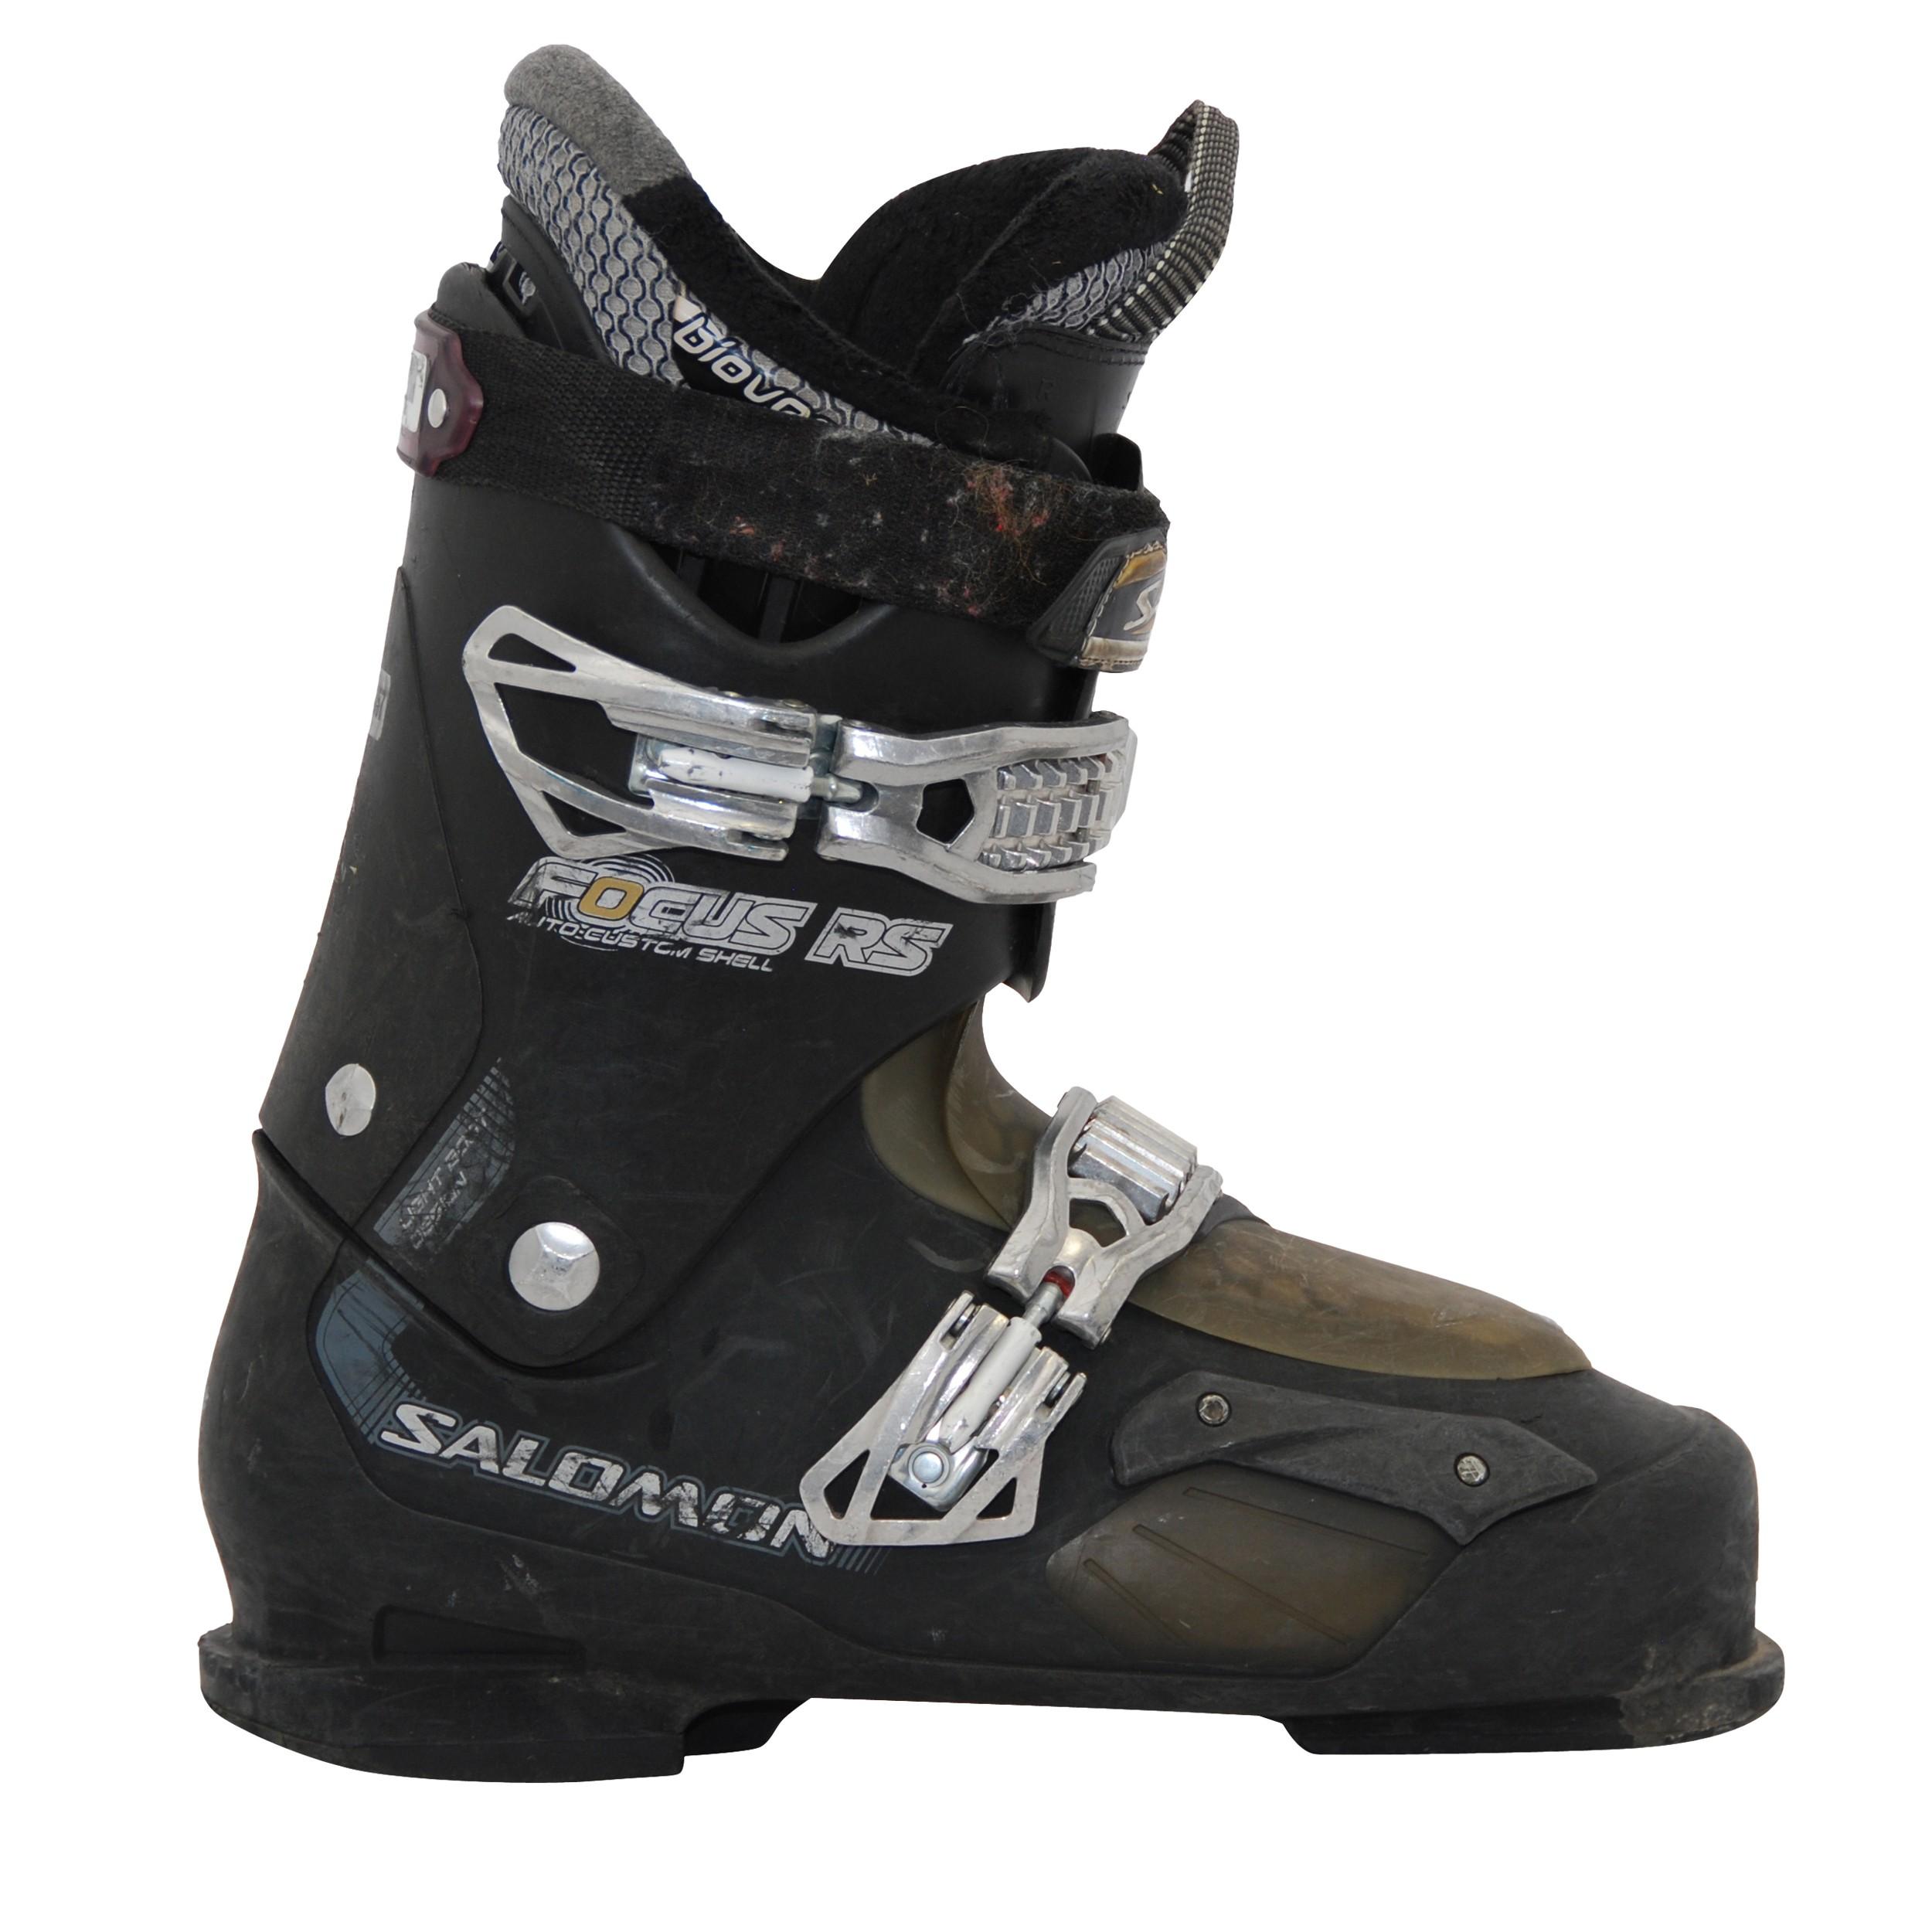 Chaussure de ski occasion Salomon focus noir